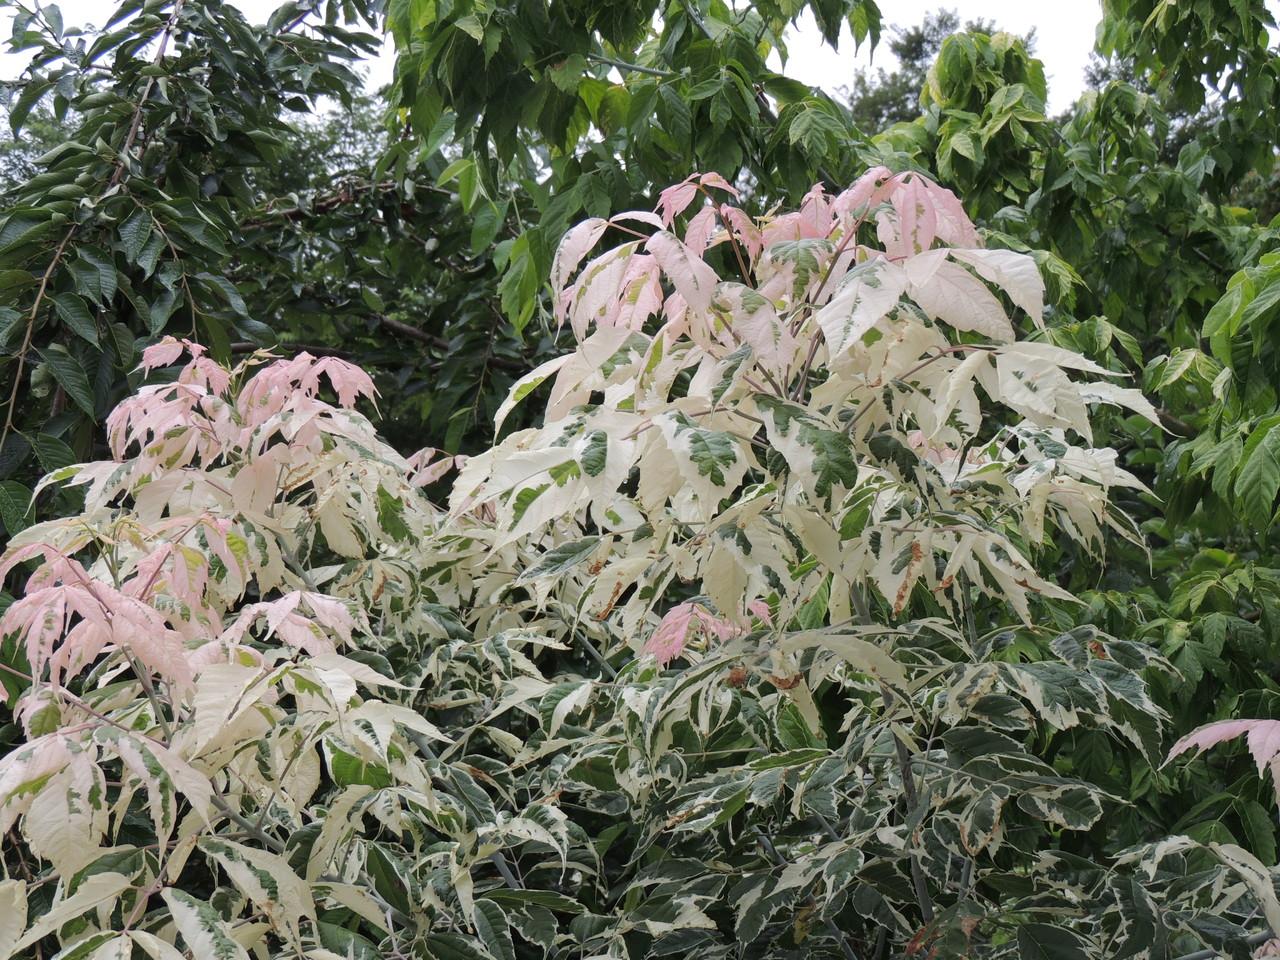 楓の新芽なんて優しい色なんでしょうね